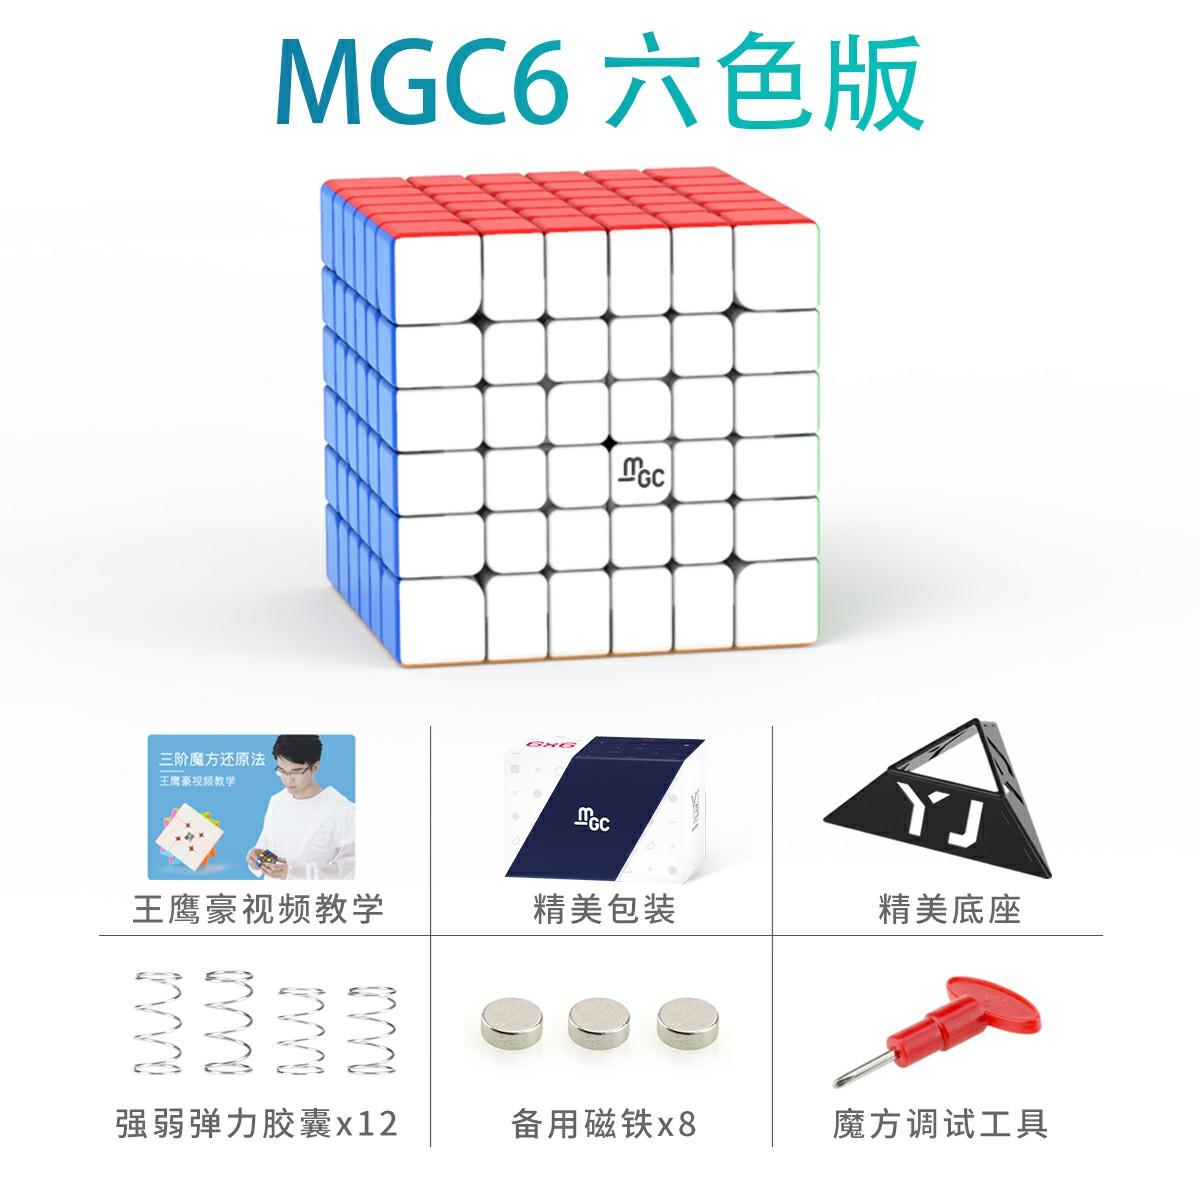 MGC6X6 스티커가없는